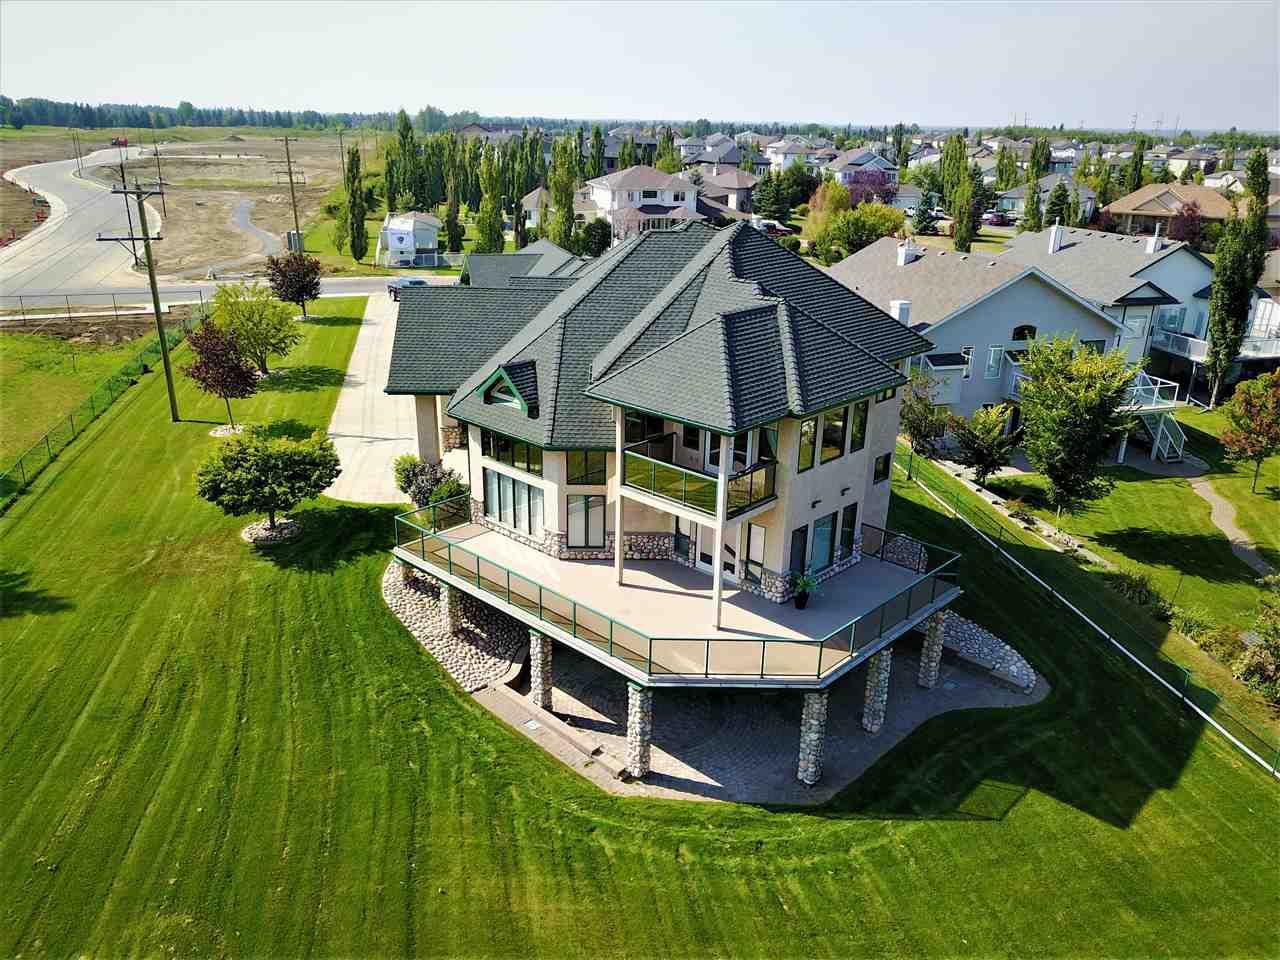 Main Photo: 15 BRIARWOOD Way: Stony Plain House for sale : MLS®# E4140737